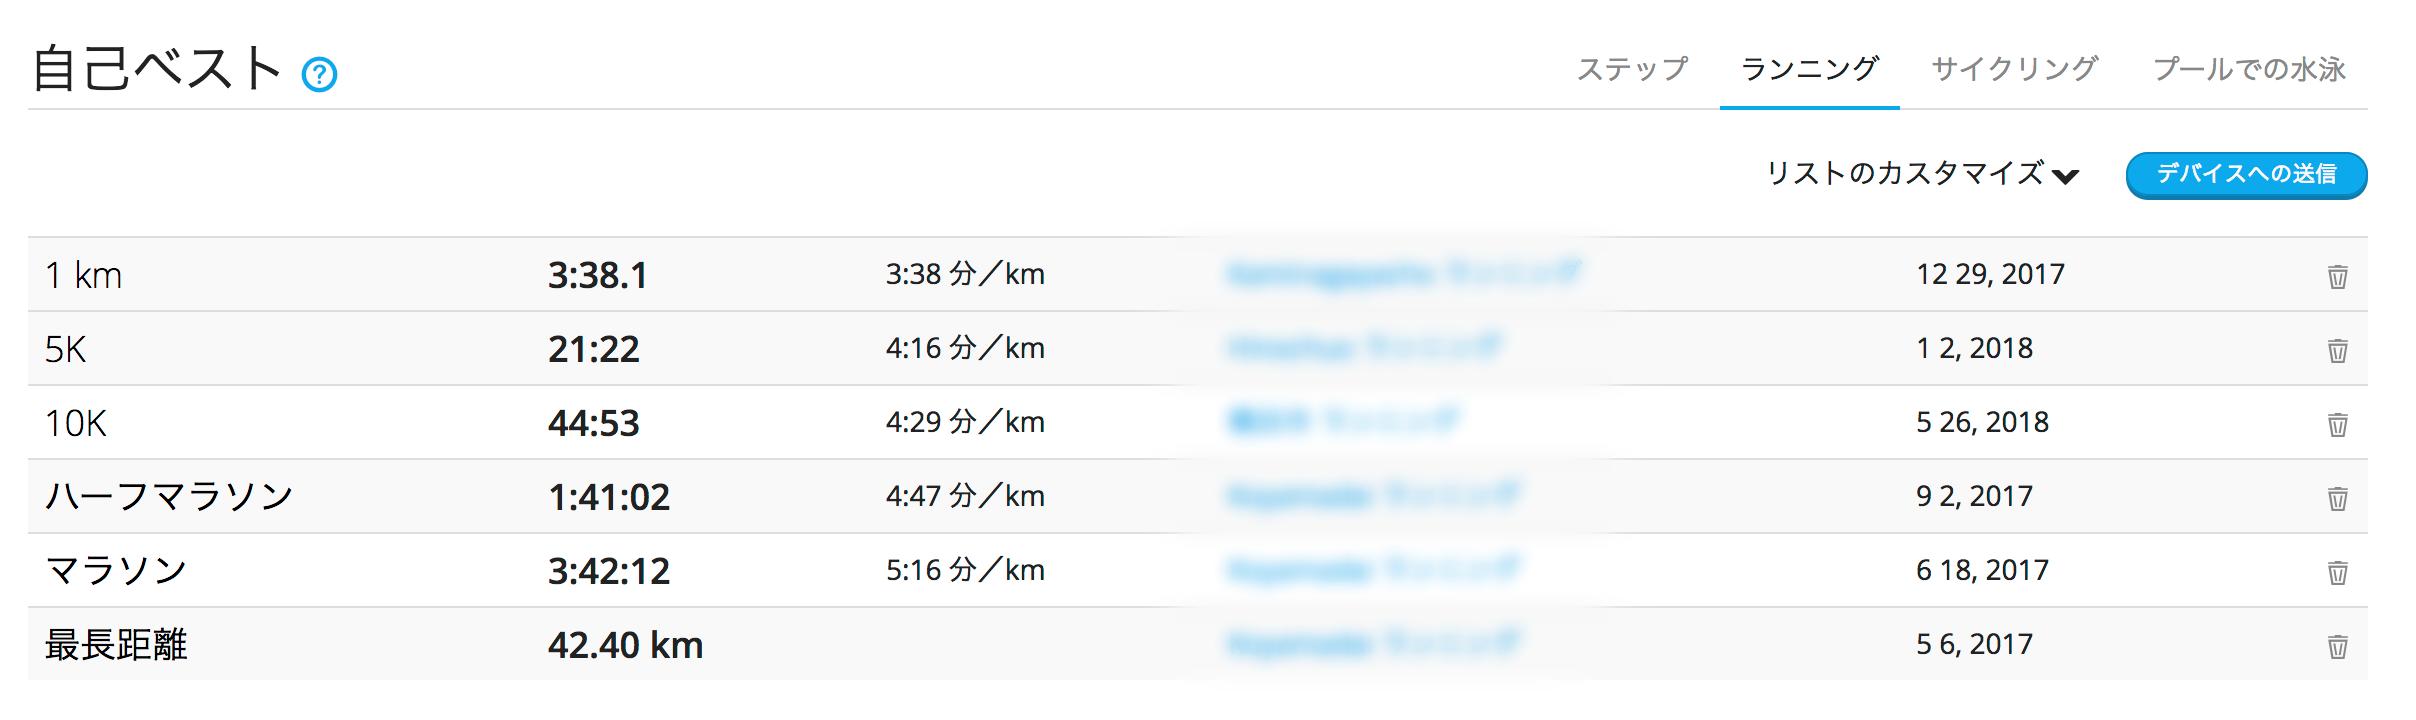 dc0e1a133c 続いてこれまでのランニングで出した自己ベスト。1km、5km、10km、ハーフマラソン、フルマラソン、最長距離の自己ベストを見ることが可能。1マイルという単位も見れ  ...